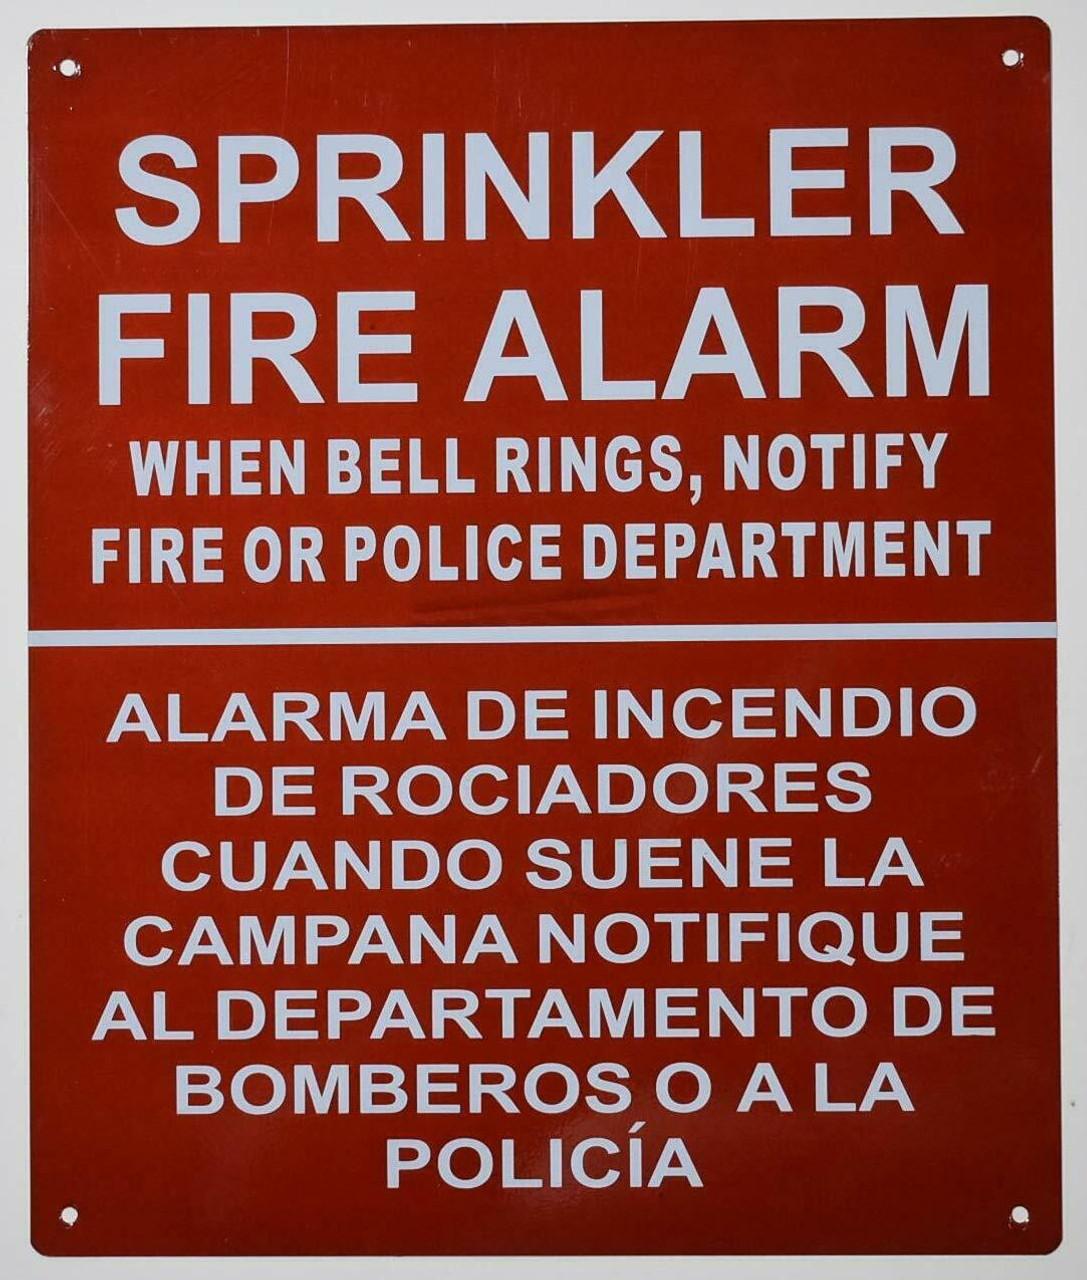 Sprinkler FIRE Alarm When Bell Rings